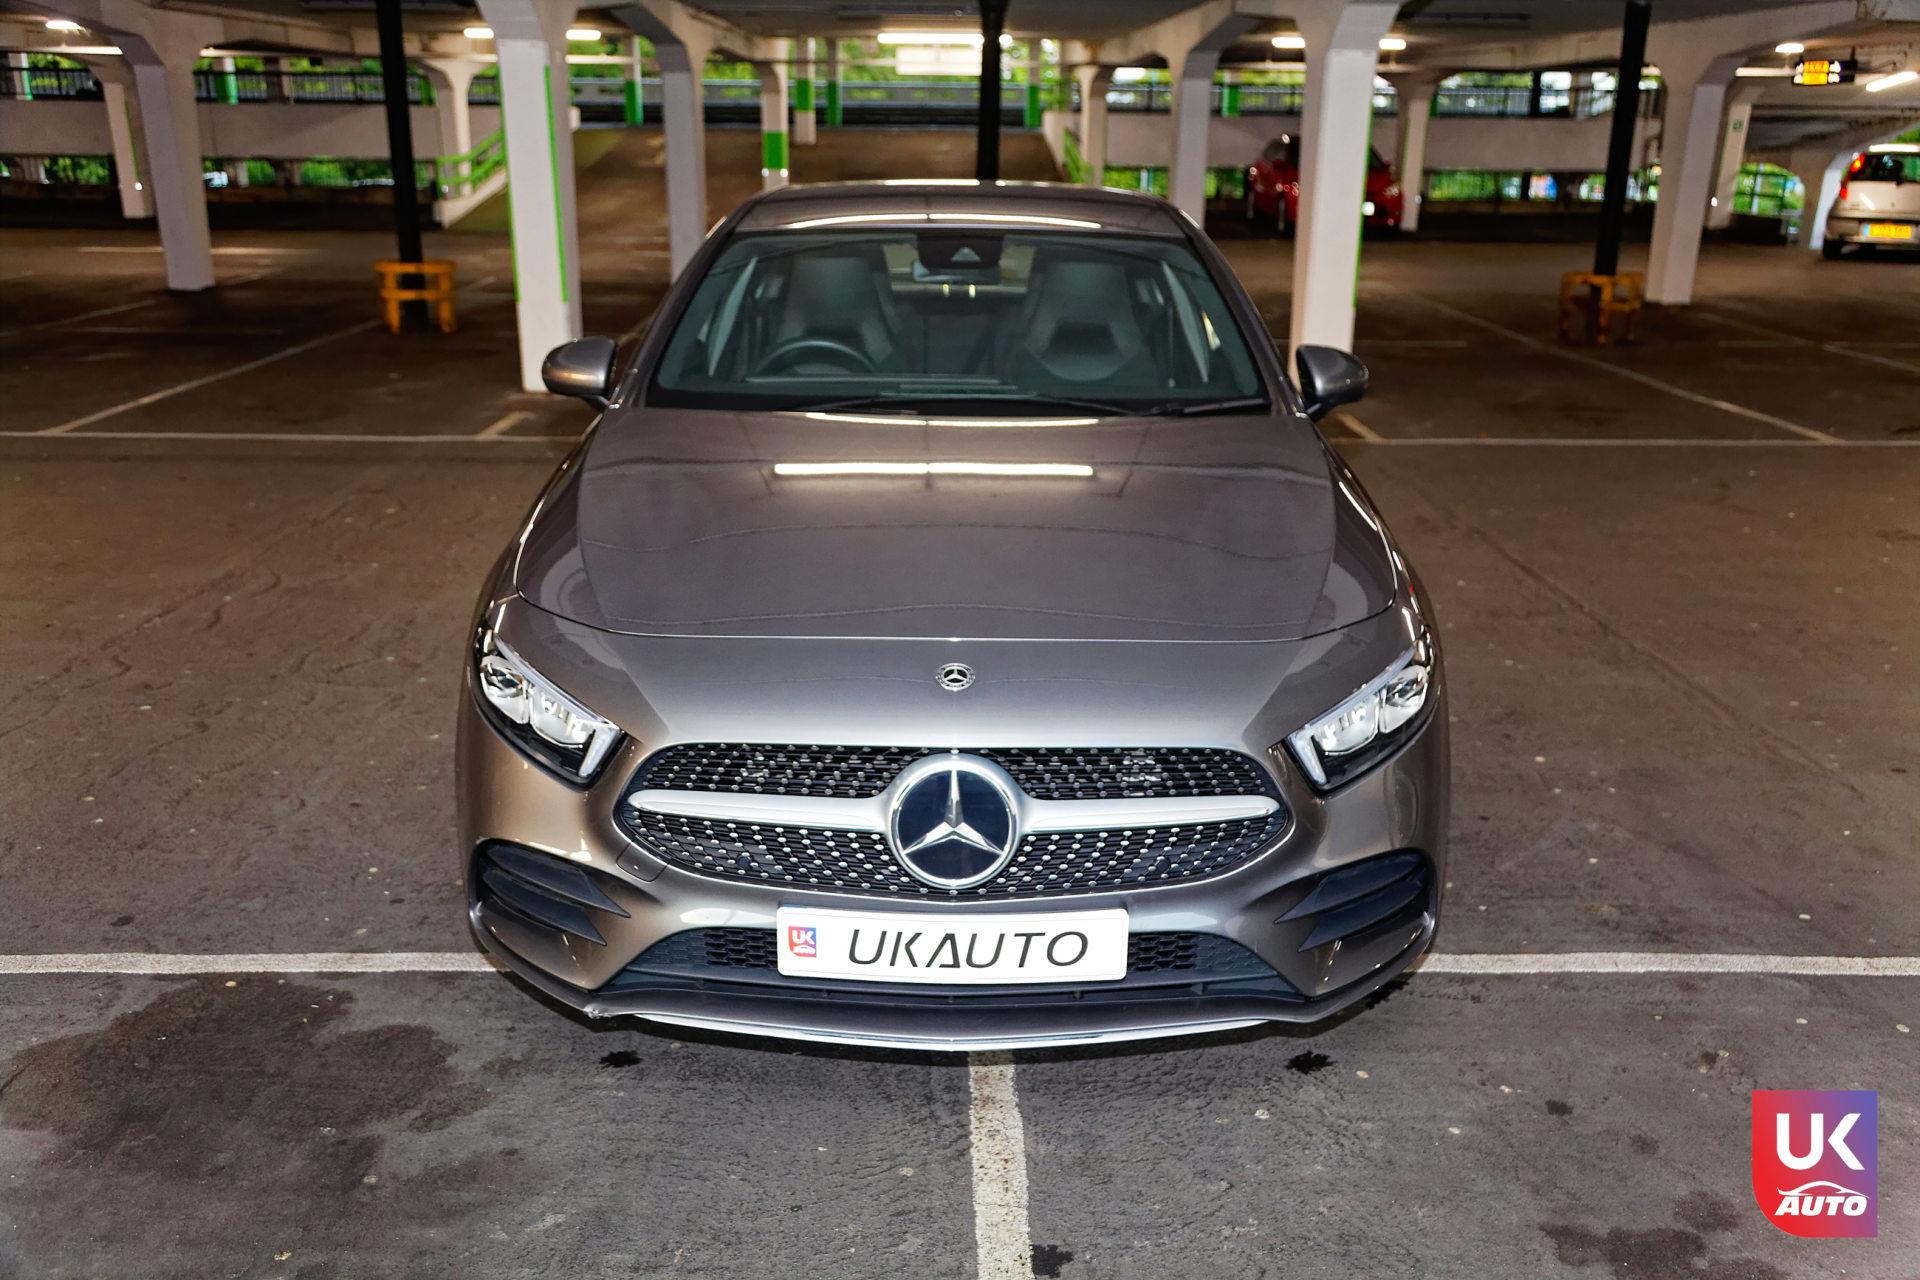 Mercedes uk mercedes angleterre mercedes a220 pack amg uk mercedes class a amg uk2 DxO - ACHAT ANGLETERRE MERCEDES C220 MERCEDES ANGLETERRE IMPORT UKAUTO.FR AUTOTRADER UK